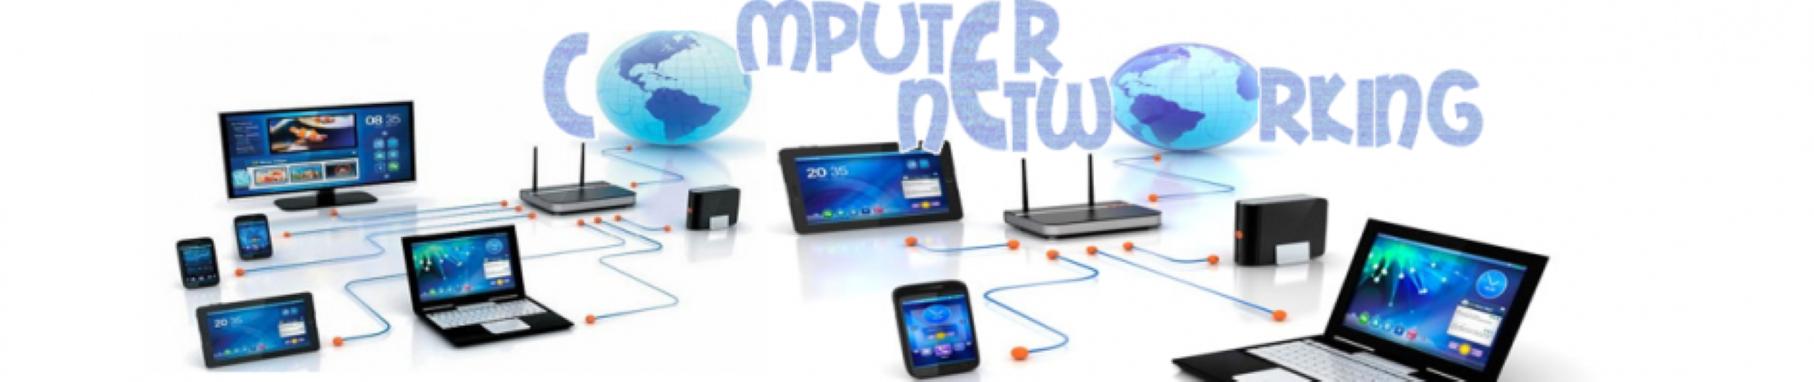 DEC30023 COMPUTER NETWORKING FUNDAMENTALS DIS2020